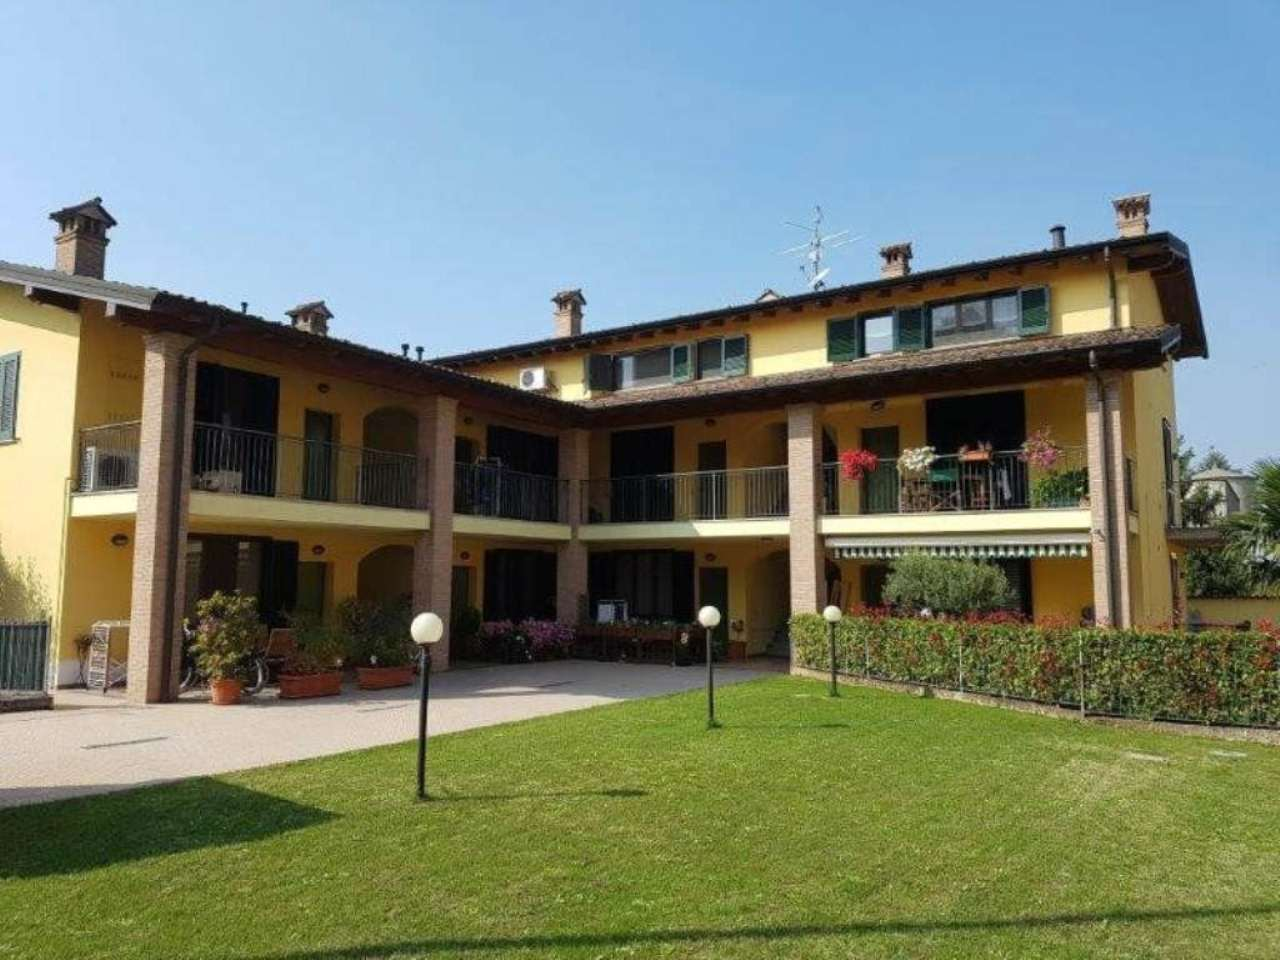 Appartamento in vendita a Ripalta Cremasca, 3 locali, prezzo € 125.000 | Cambio Casa.it